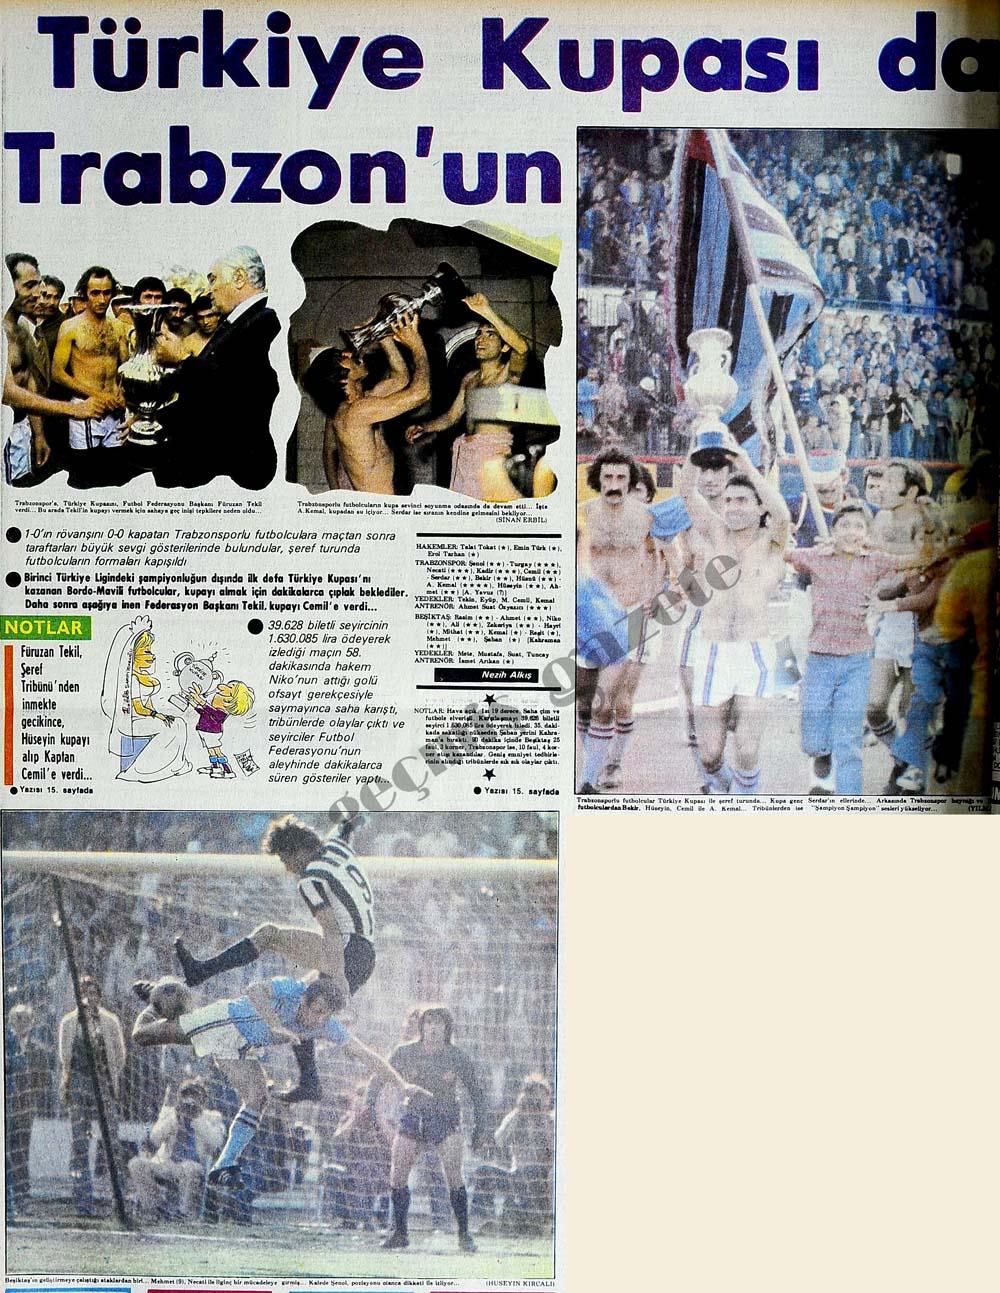 Türkiye Kupası da Trabzon'un